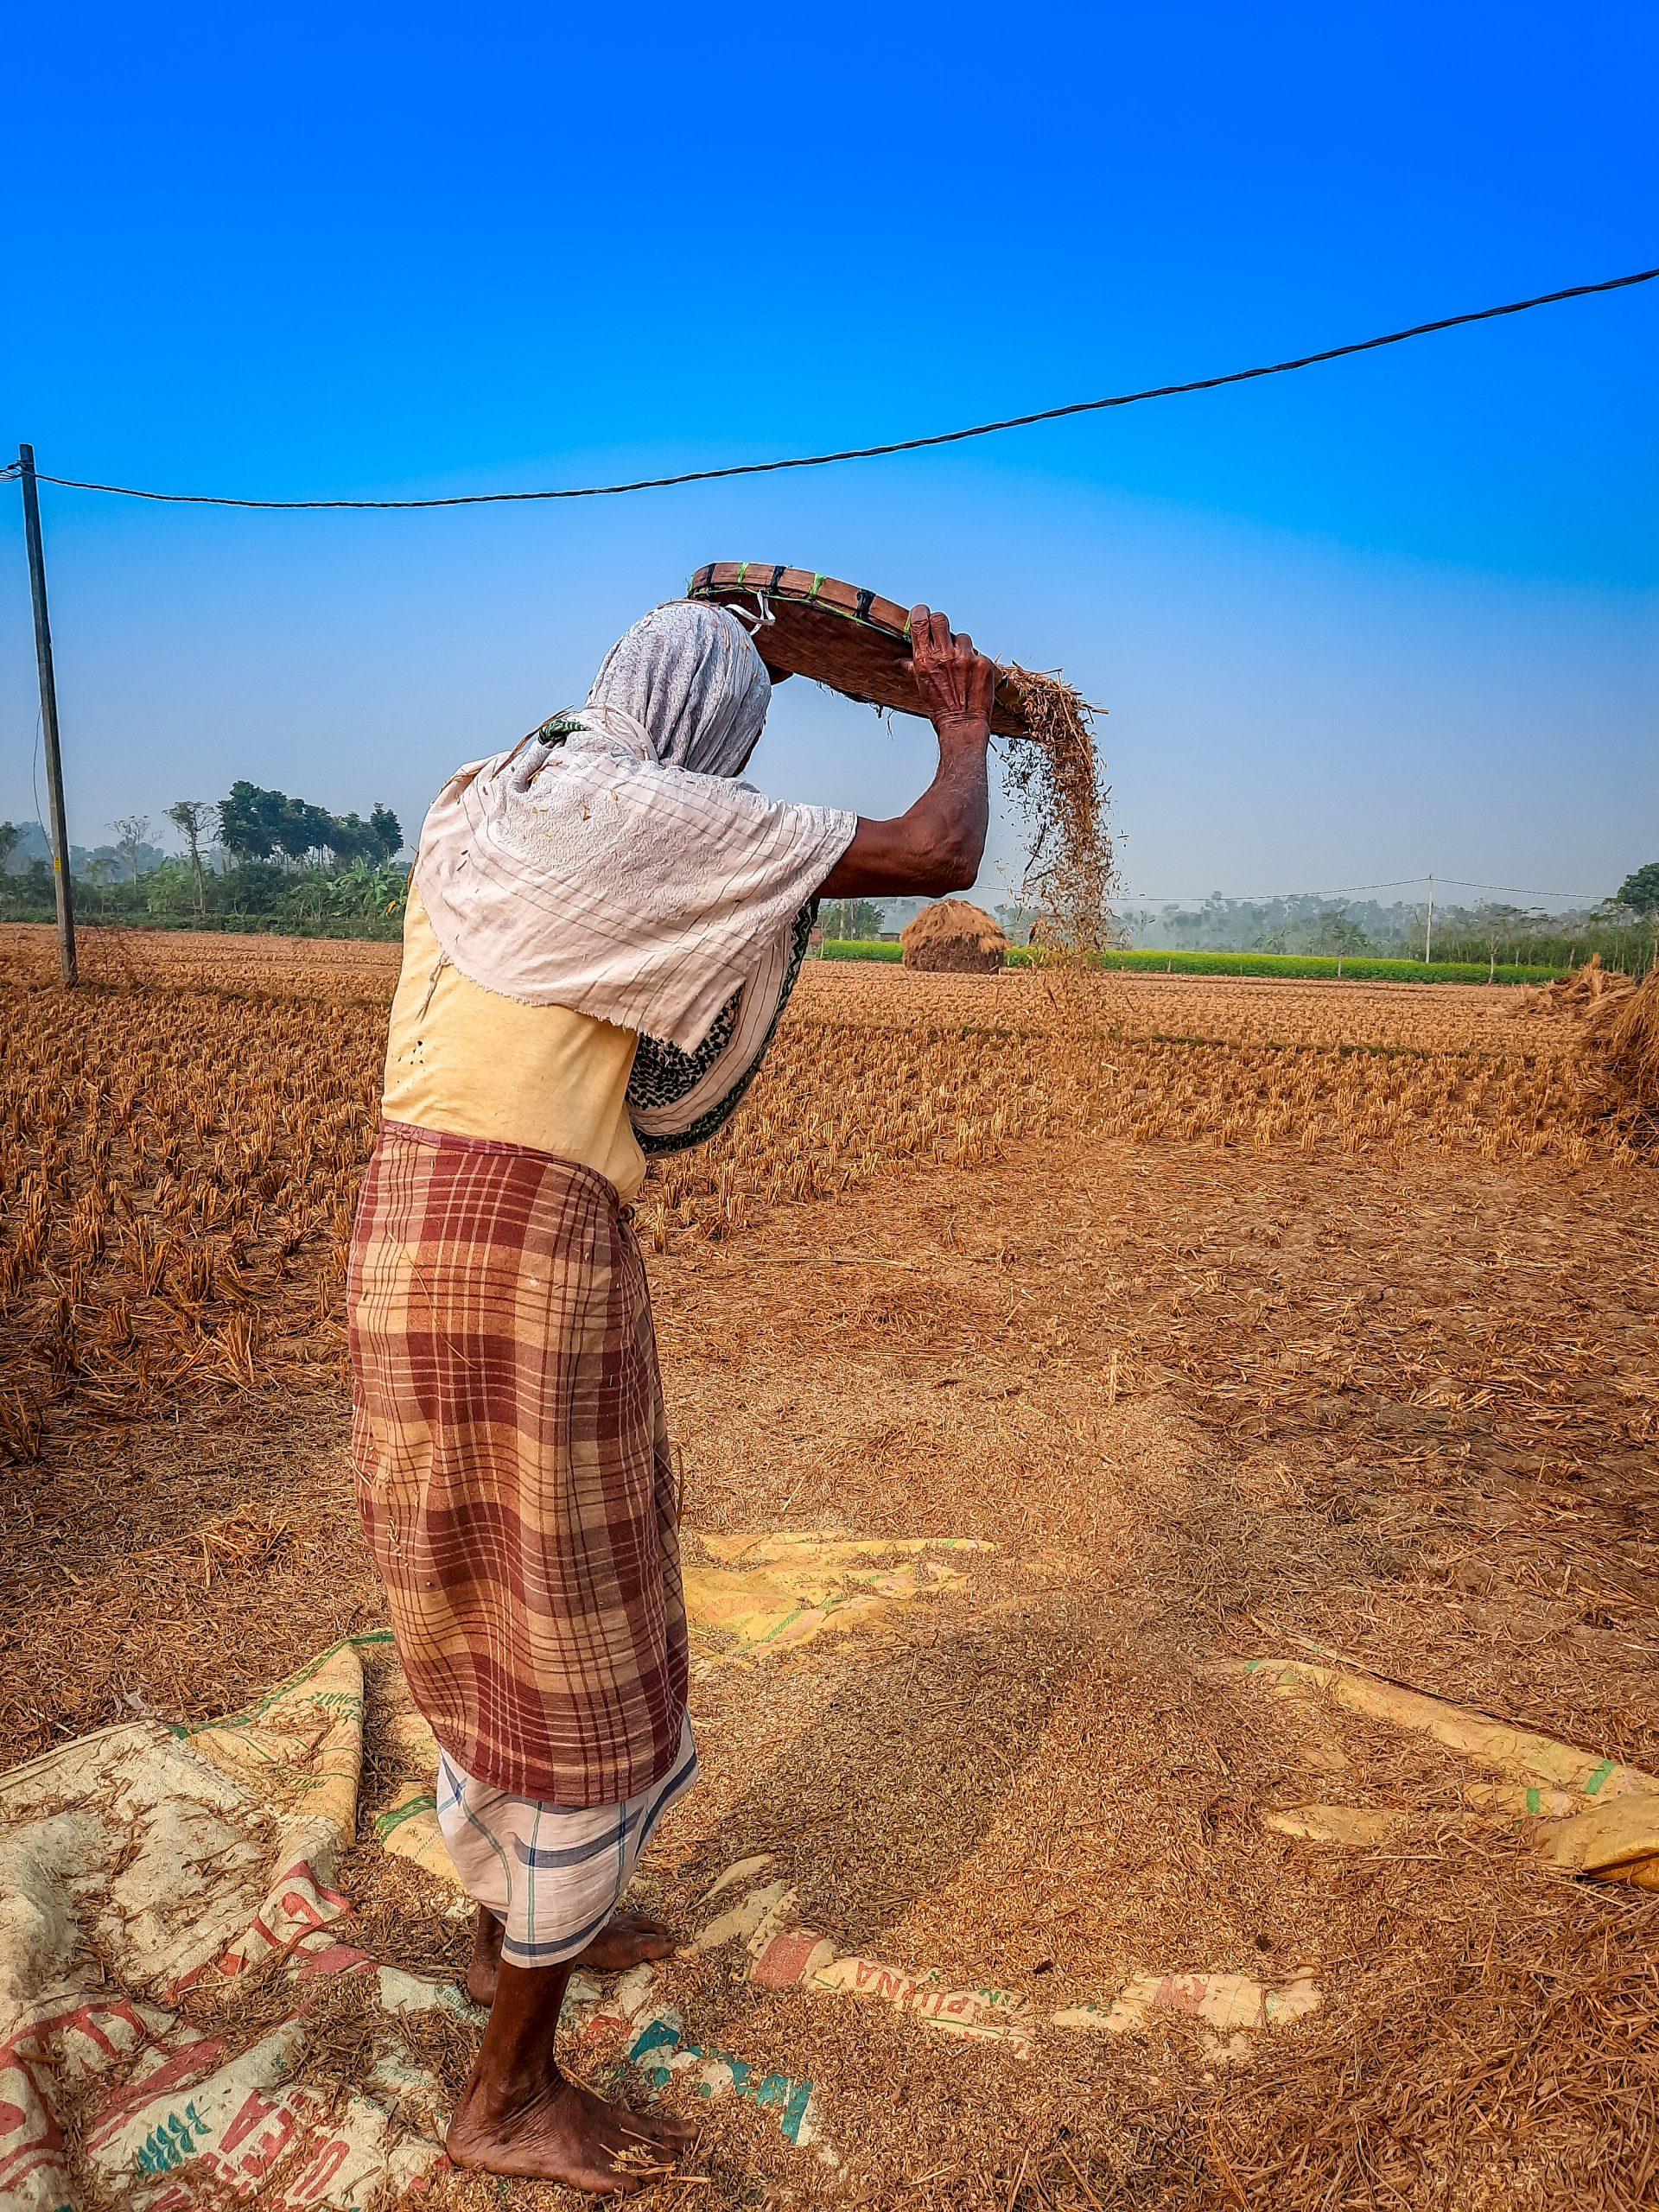 A farmer cleaning grains